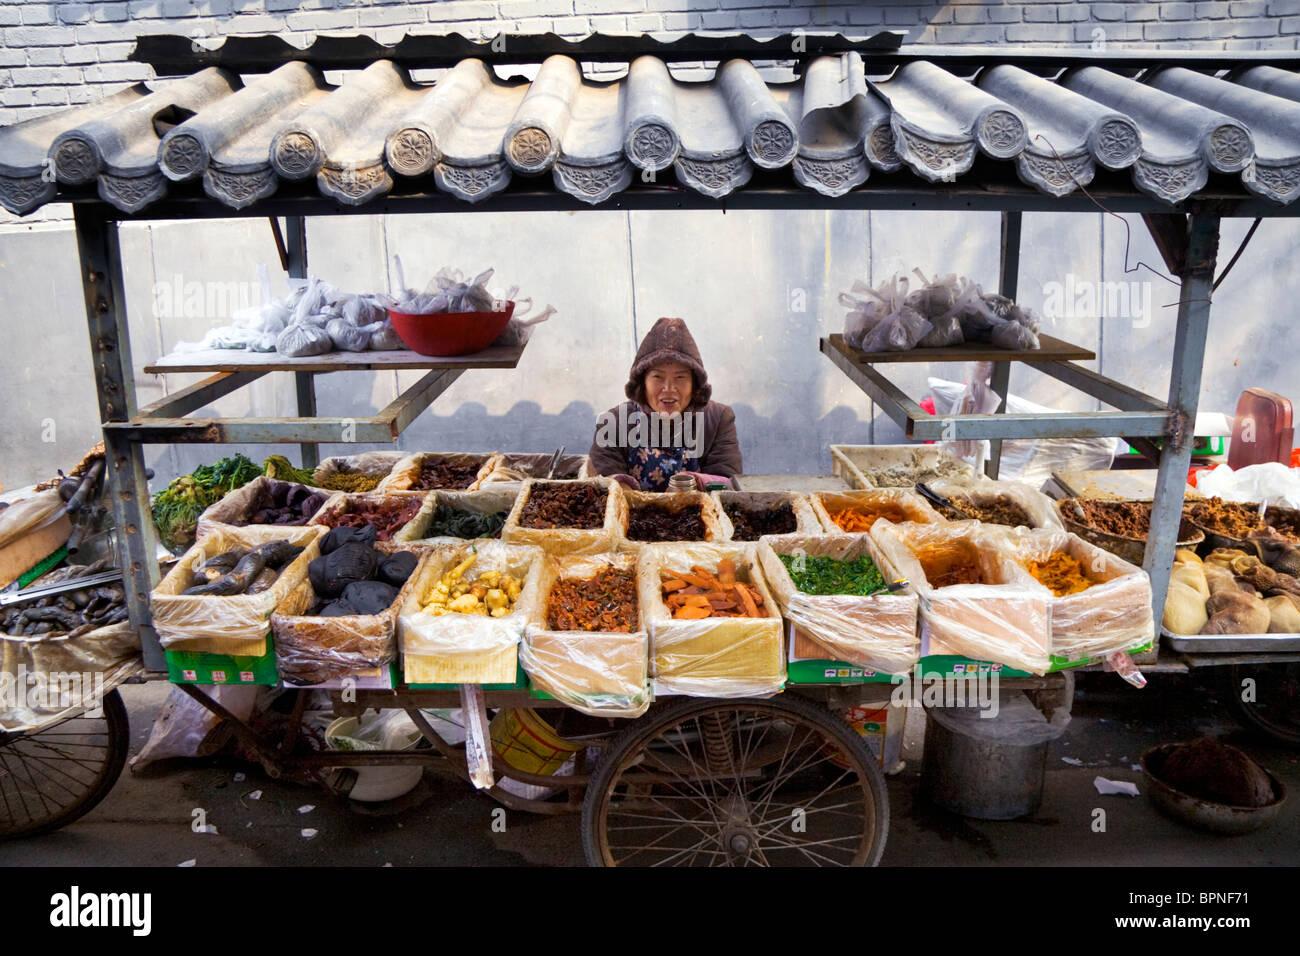 Eine glückliche Dame Angebote ihrem Marktstand Lebensmittel in den alten Gassen von Peking. Stockbild